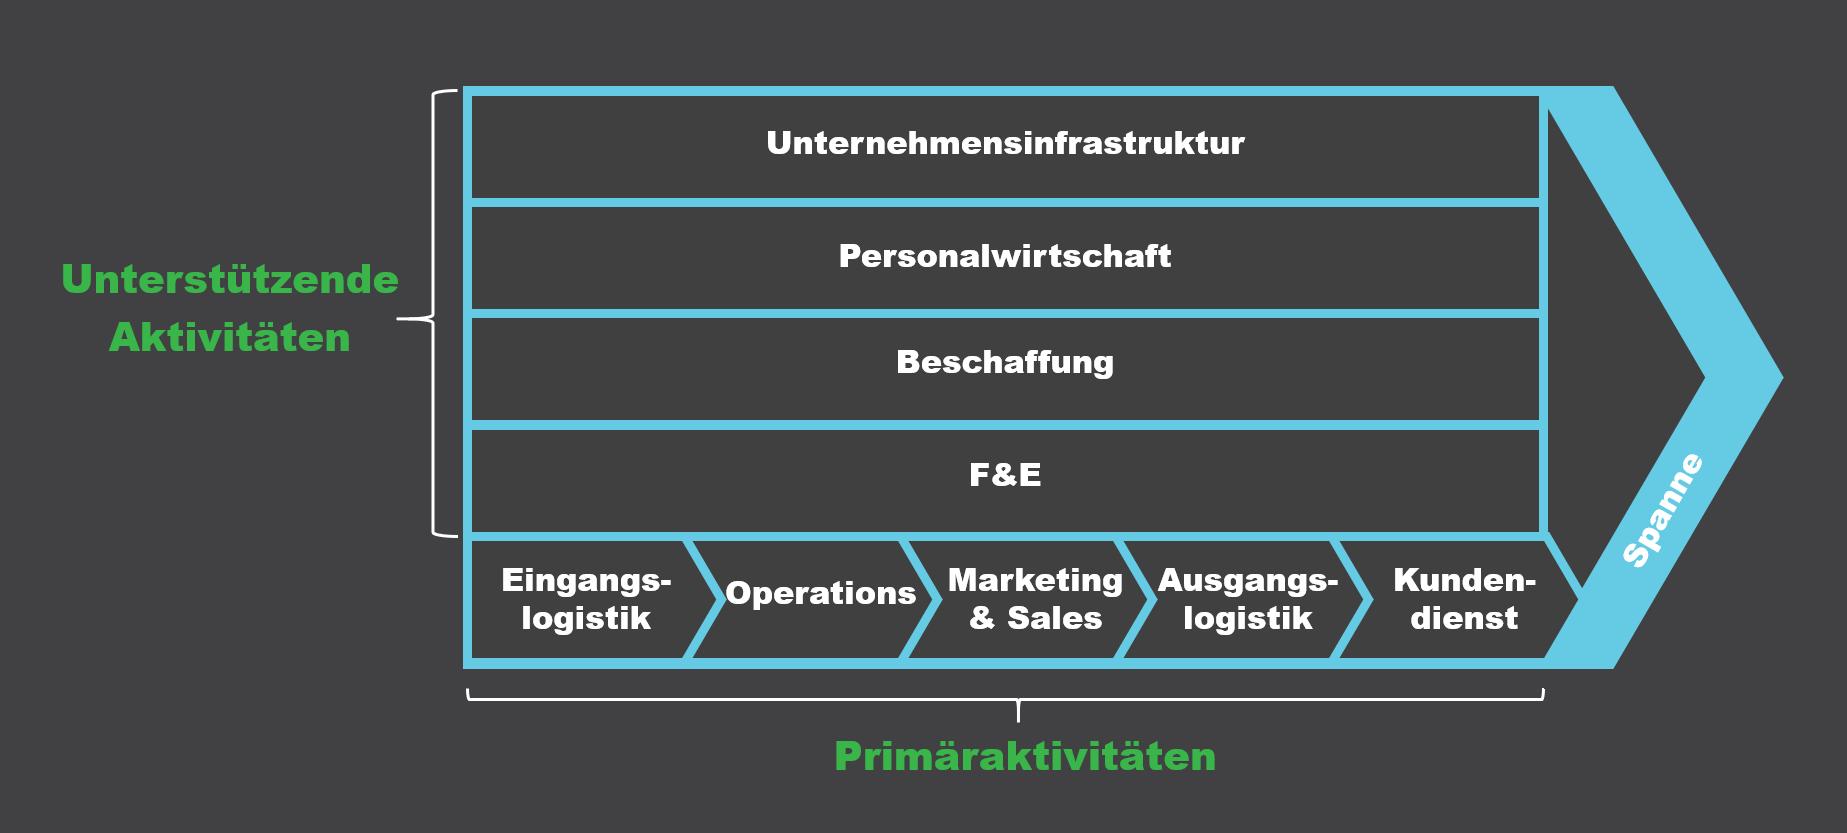 Wertschopfungskette Marketing Und Vertrieb Wertschopfungskette Marktanalyse